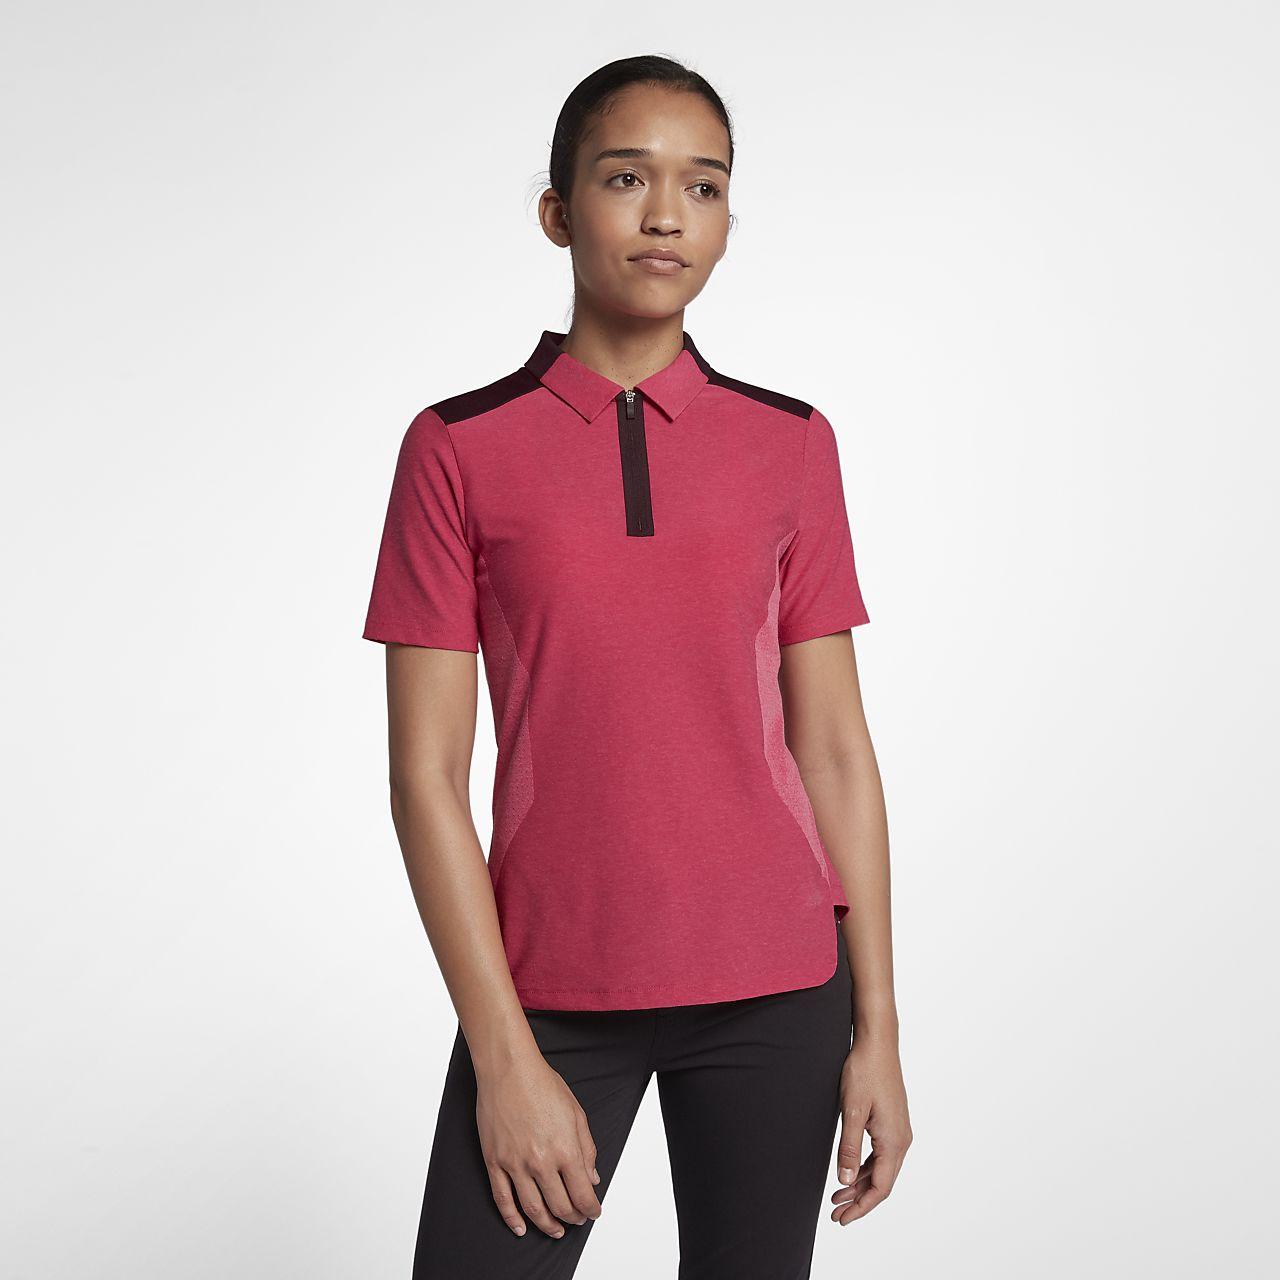 Golfpikétröja Nike Zonal Cooling för kvinnor